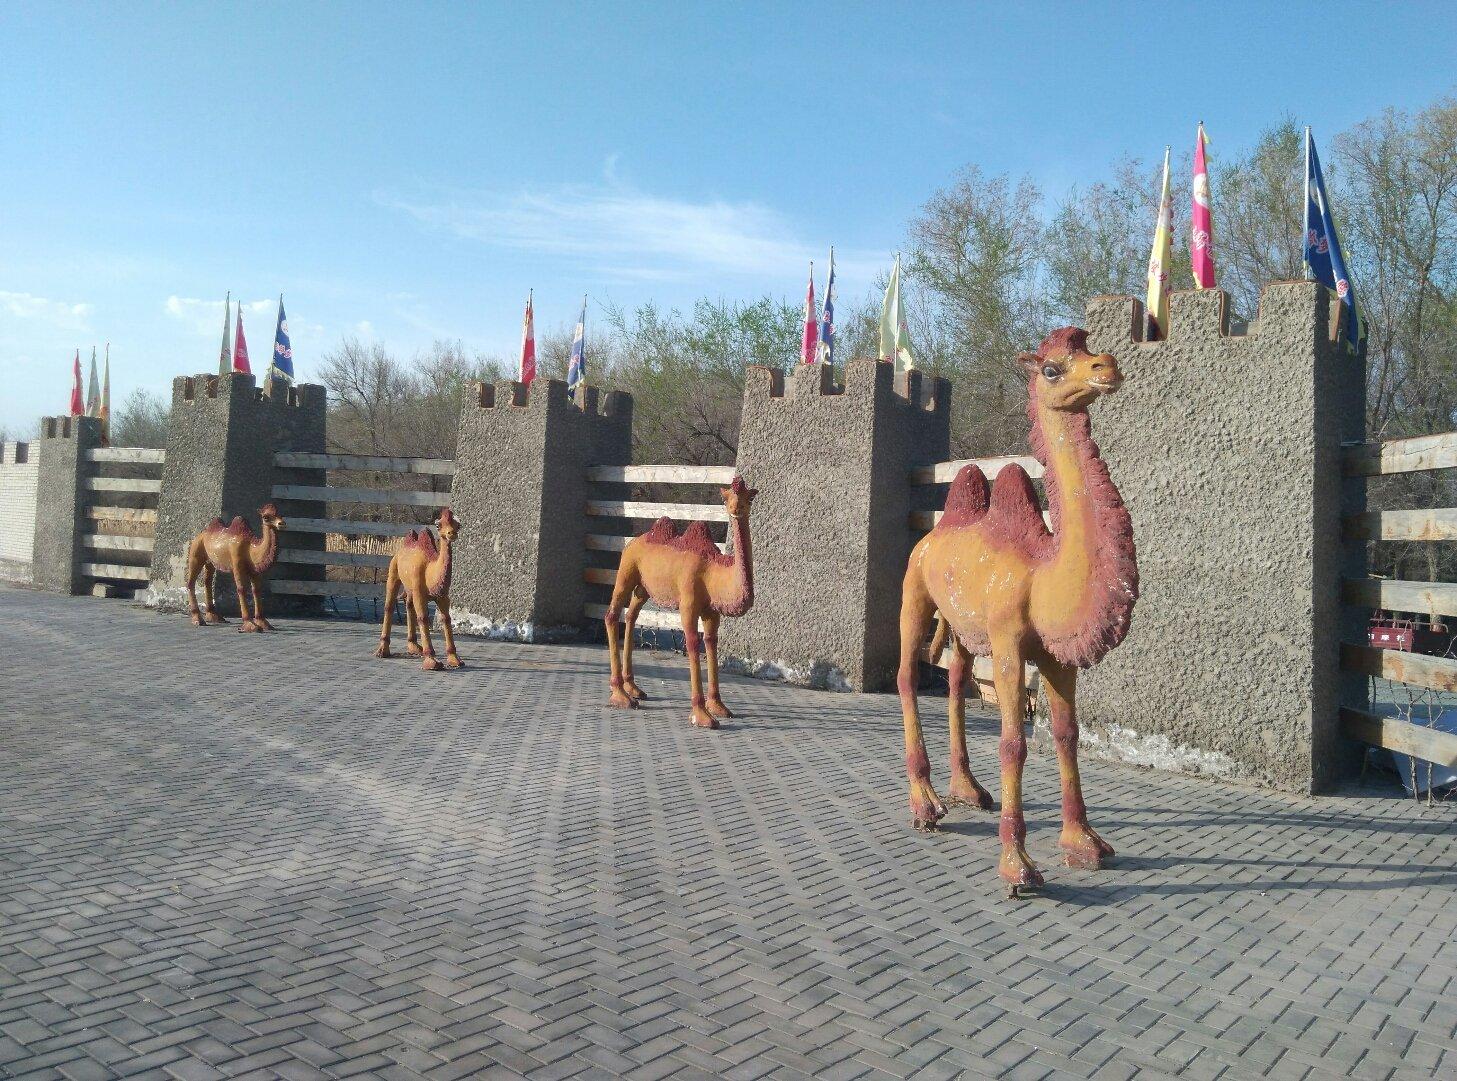 新疆维吾尔自治区昌吉回族自治州玛纳斯县兵团一五零团驼铃梦坡沙漠生态景区天气预报